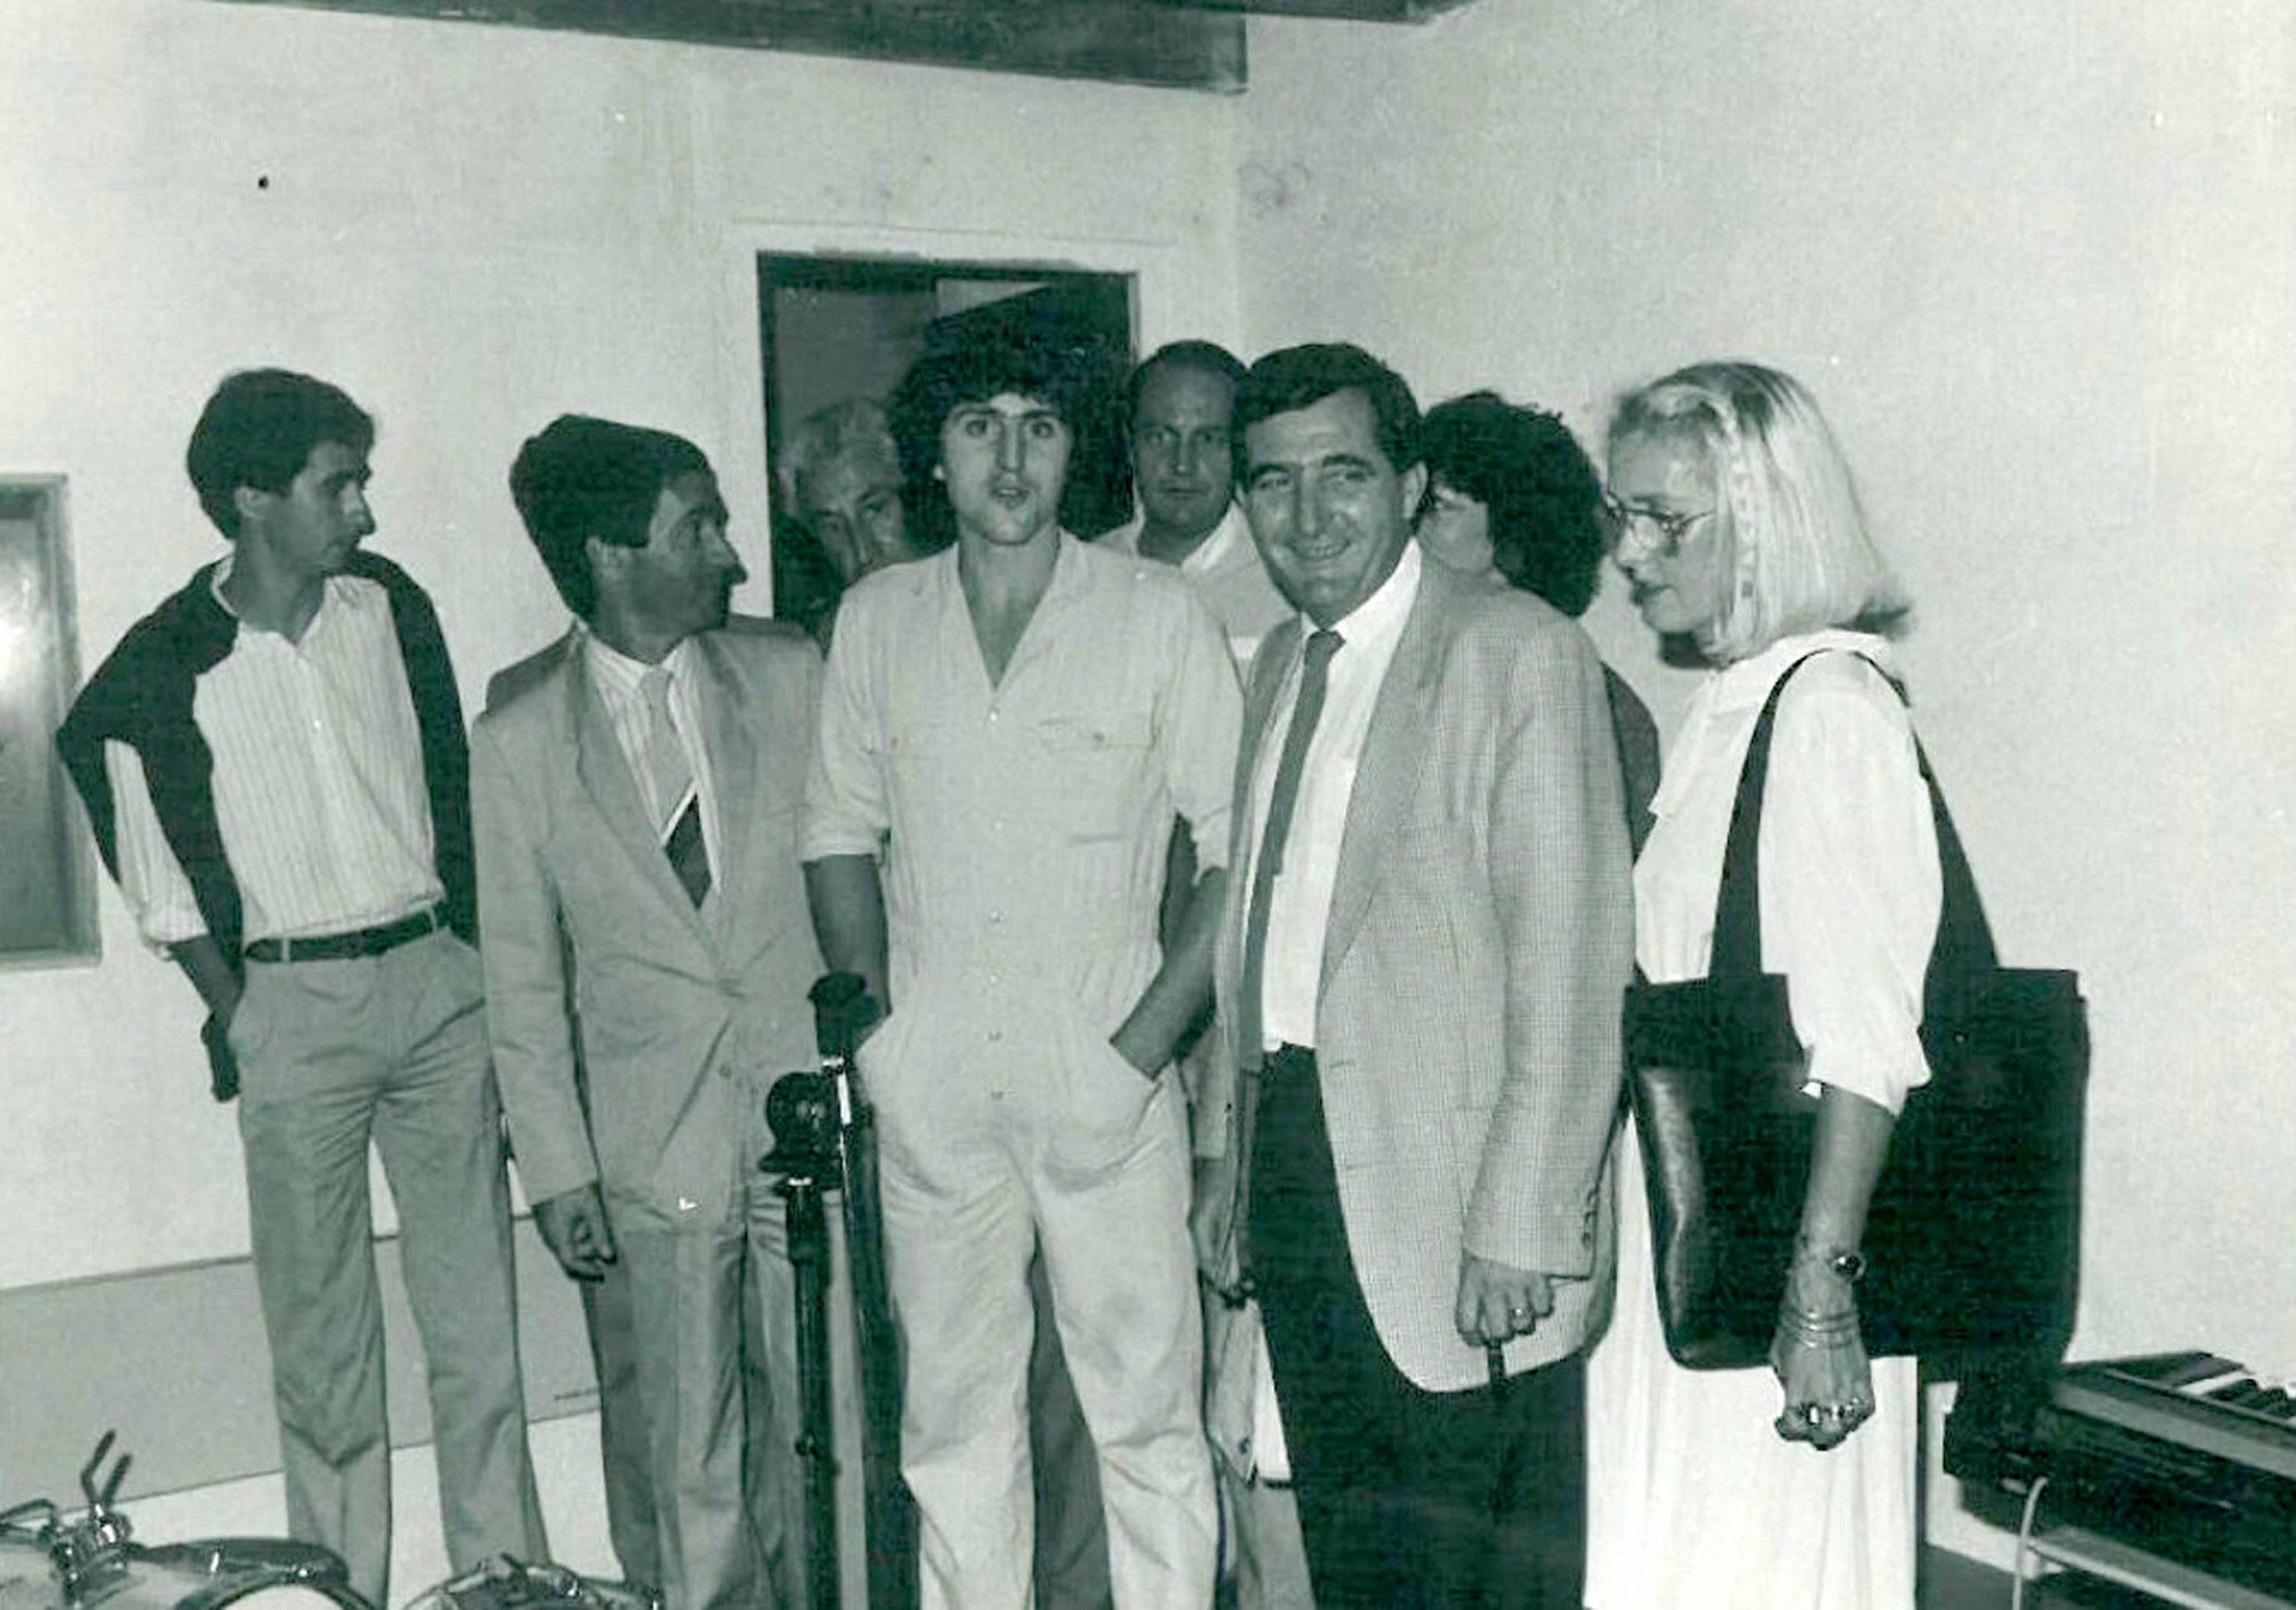 Septembre 1985 : inauguration en présence du maire Gérard Castagnéra, de l'un des premiers espaces dédiés à la pratique des musiques amplifiées en France : trois boxes de répétition ouverts de 9h à 2h du matin, 7/7 jours. Très vite, l'association comptabilise plus de 50 groupes adhérents. <br>Aujourd'hui, il y a 8 locaux et plus de 400 groupes qui viennent répéter à l'année.